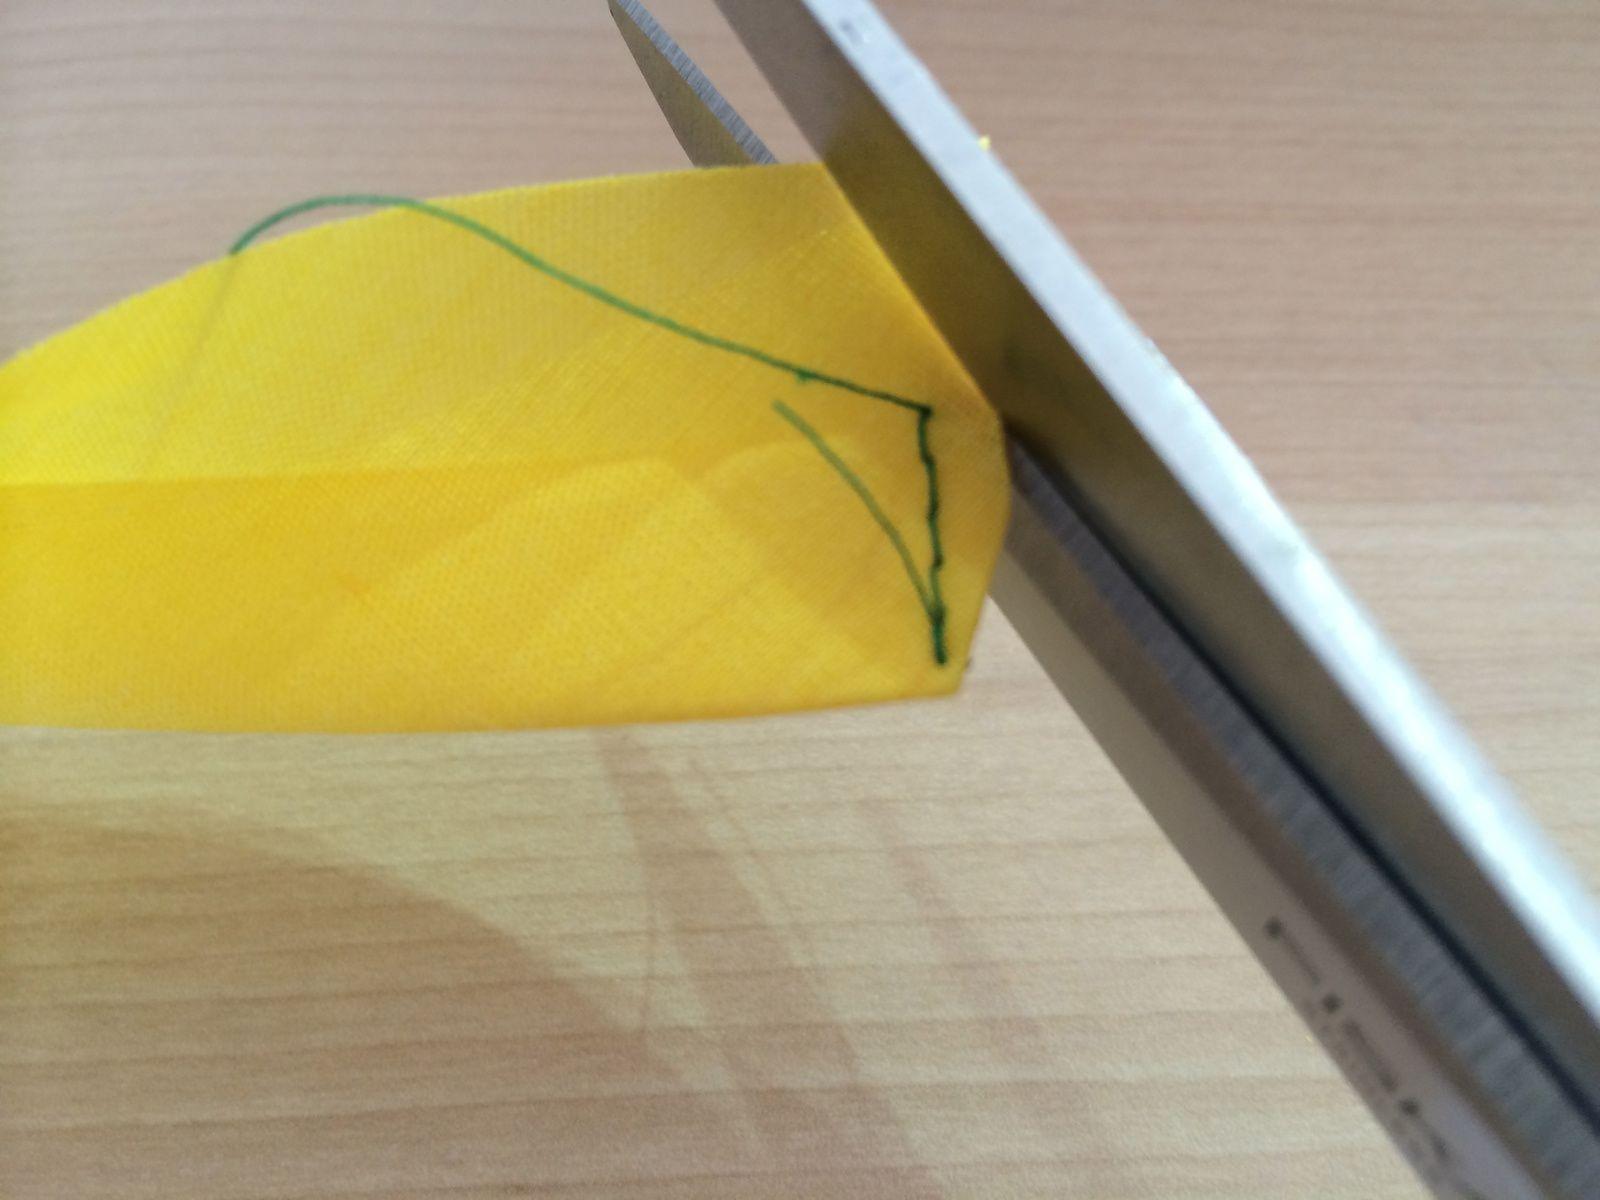 Tuto comment coudre le bout d 39 un biais cousettes by iaorananou - Coudre un biais en angle ...